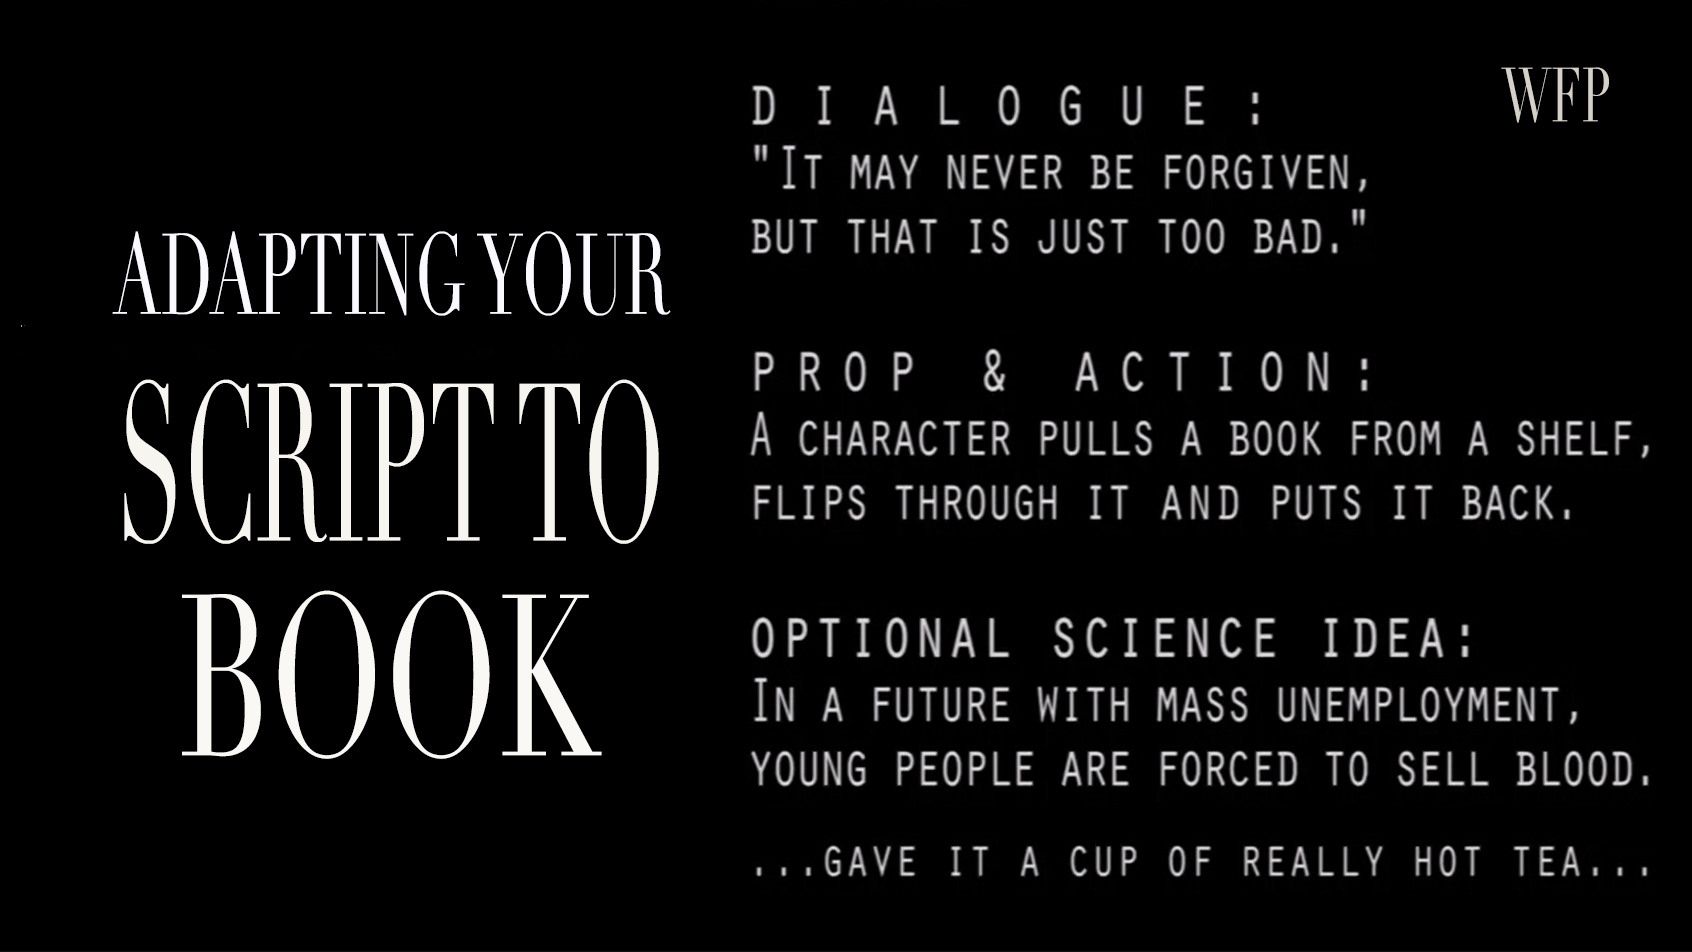 Script to Book